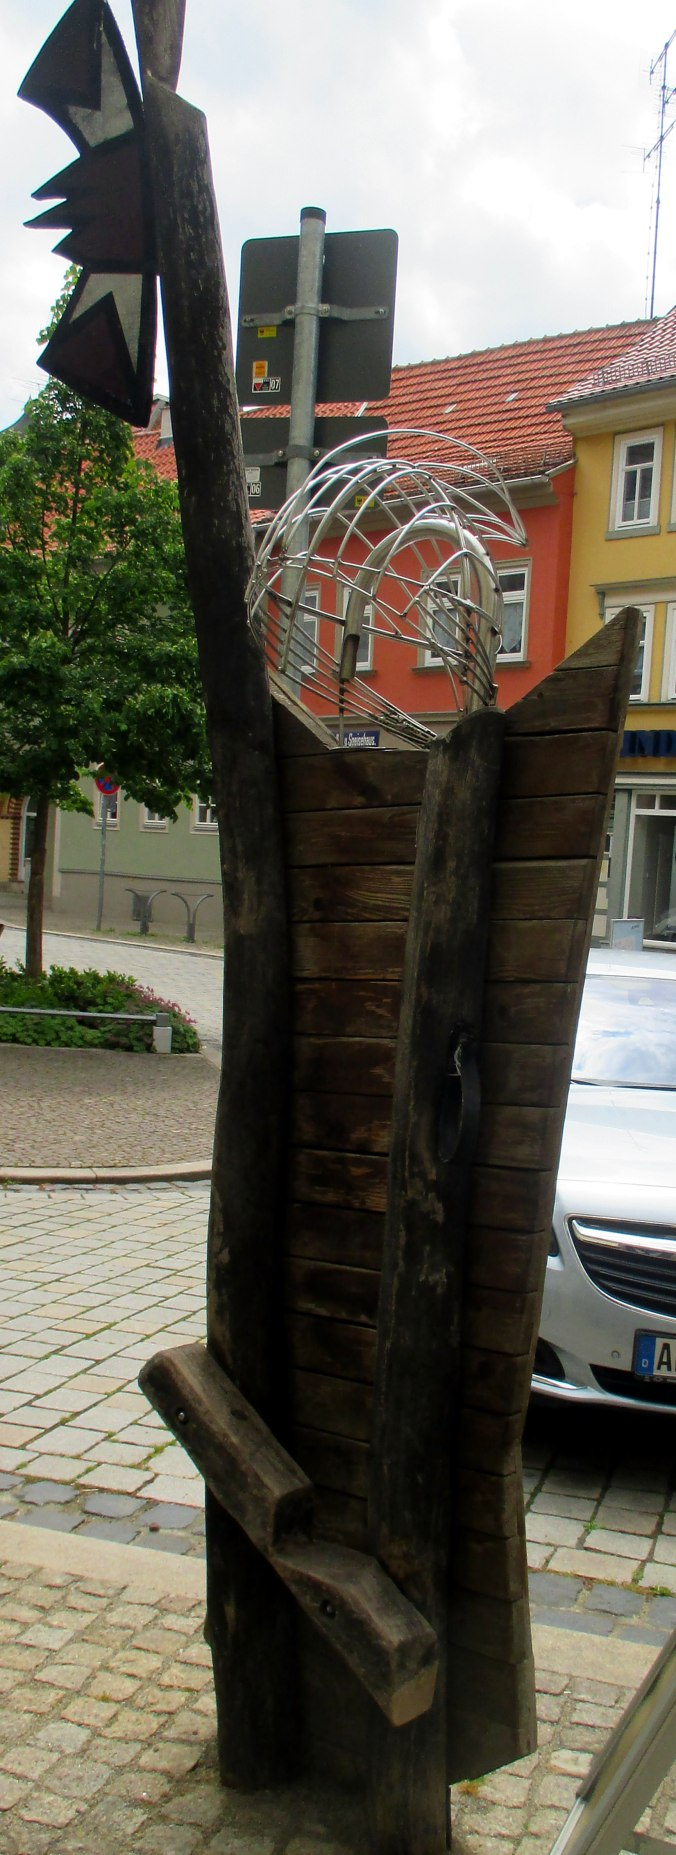 26.5.16 - Kunst und Spiele ,Arnstadt (10)